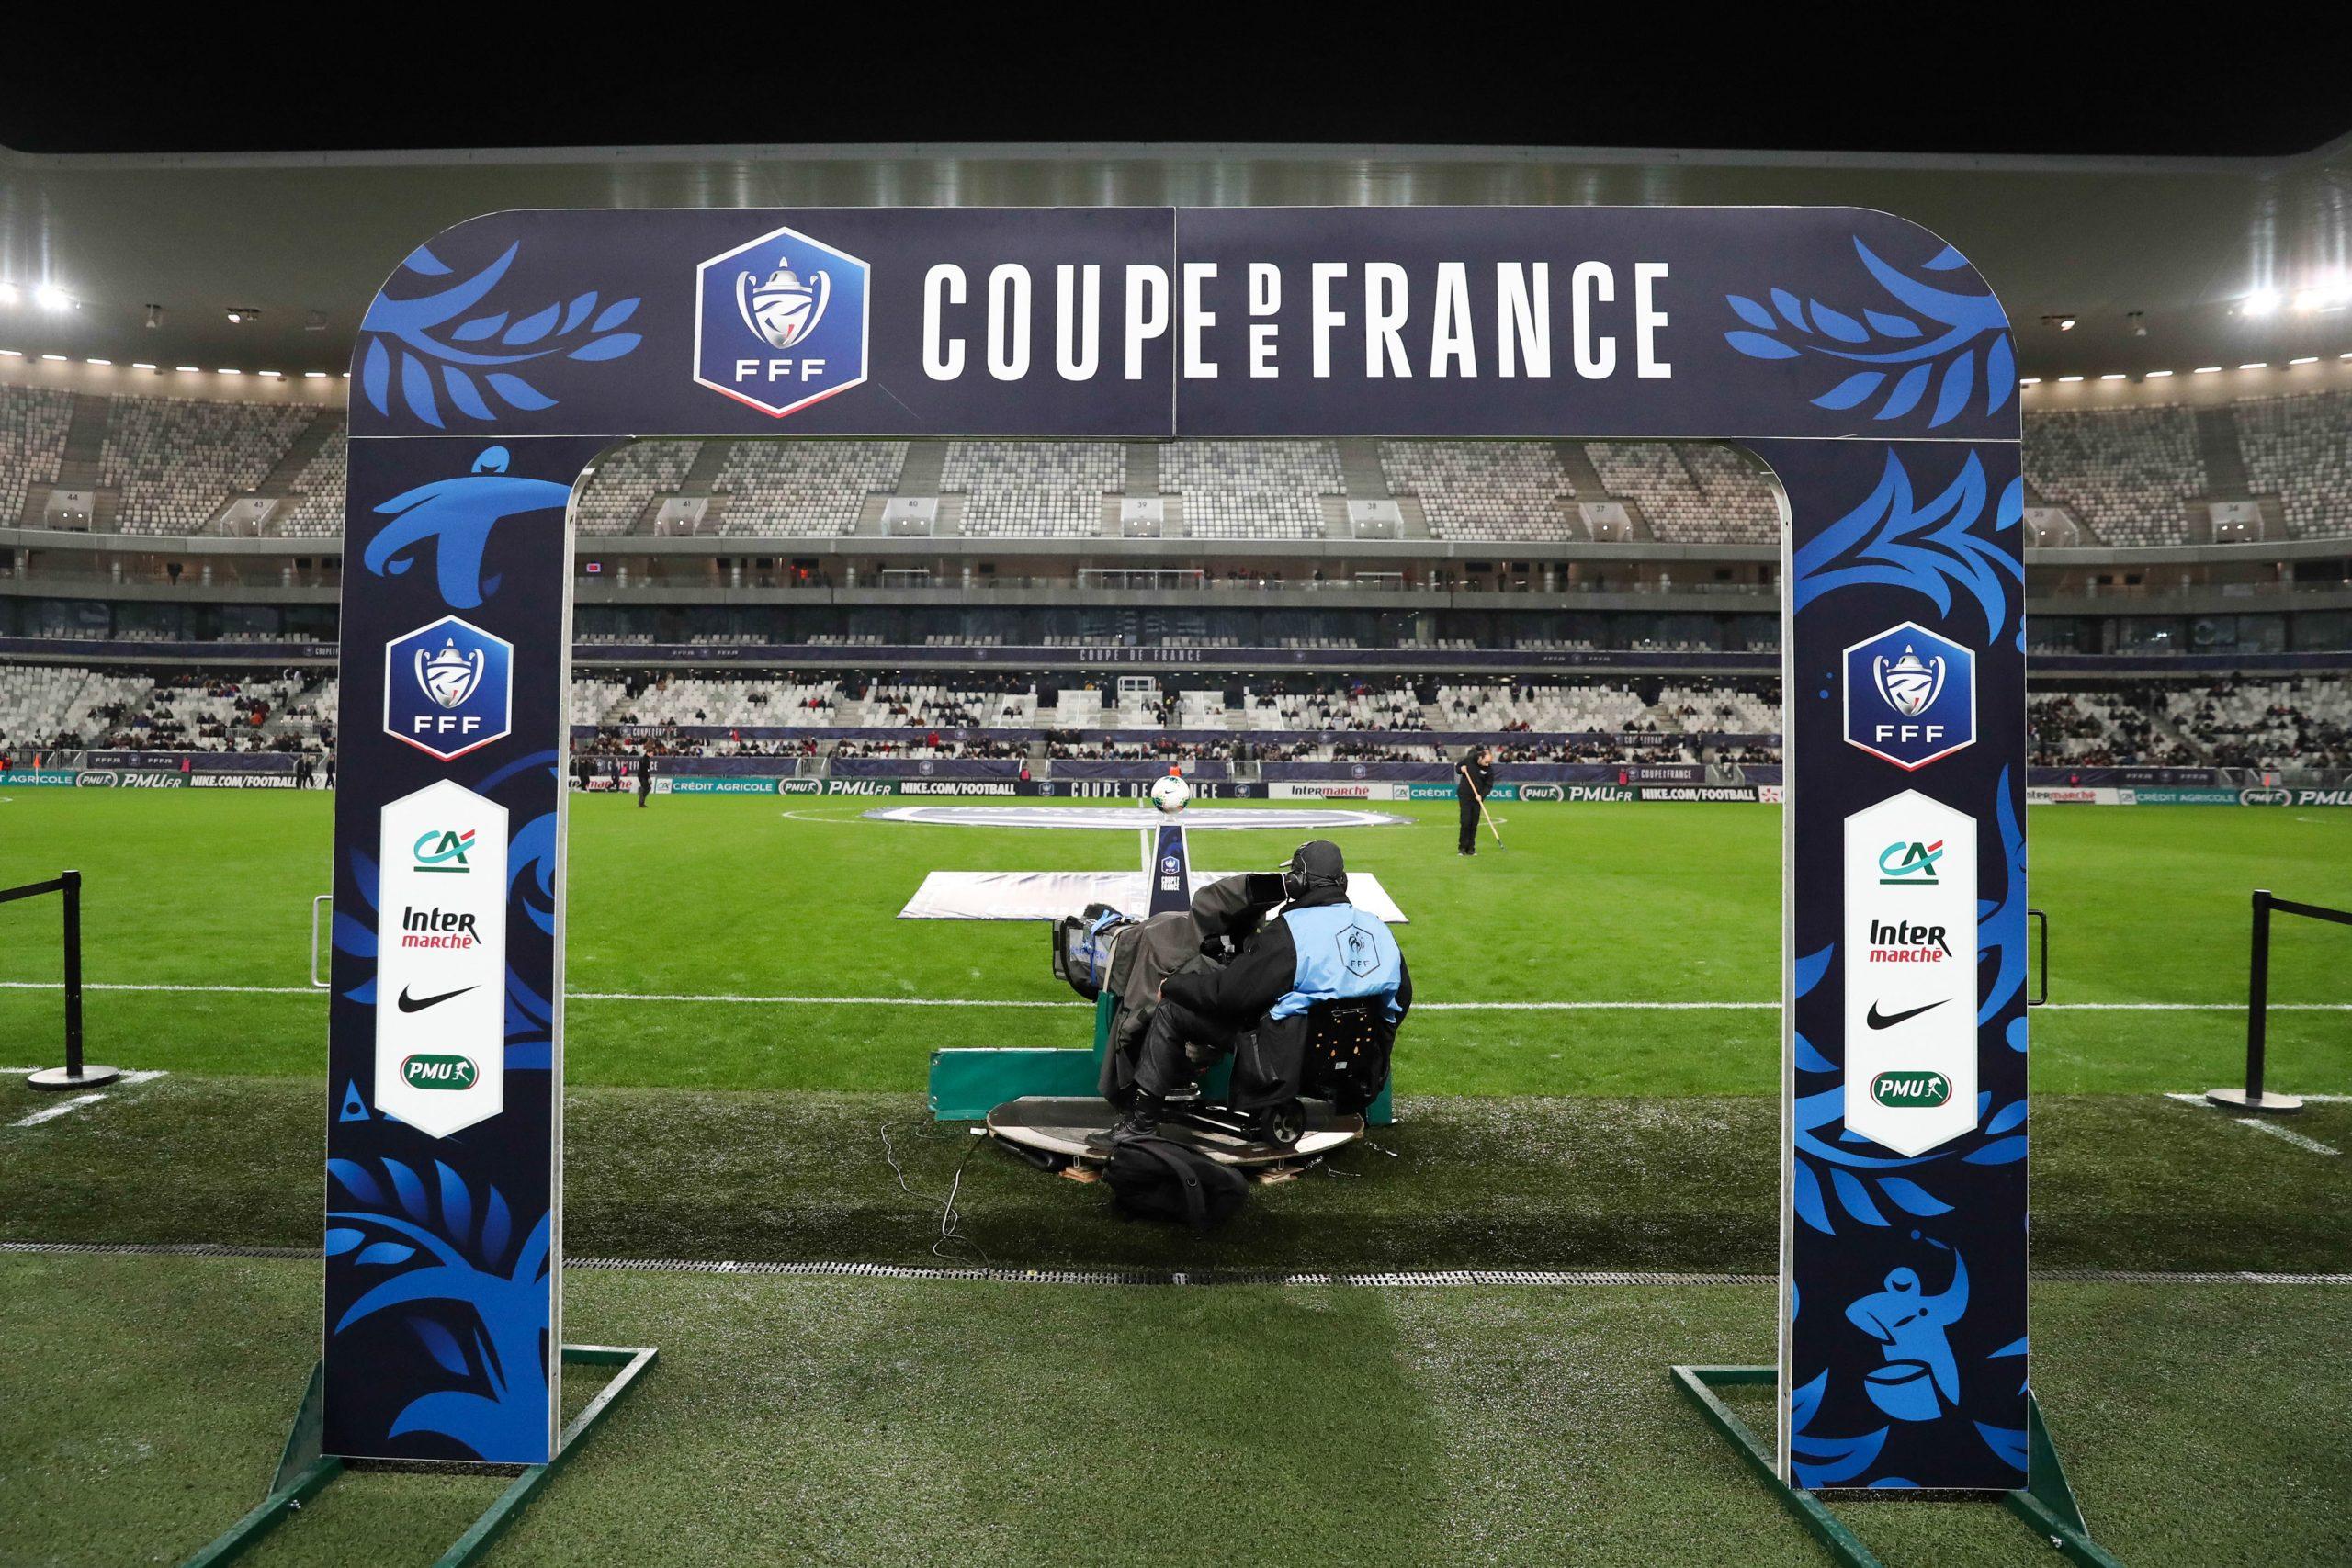 Les finales de Coupe de France et Coupe de la Ligue limitées à 5 000 personnes